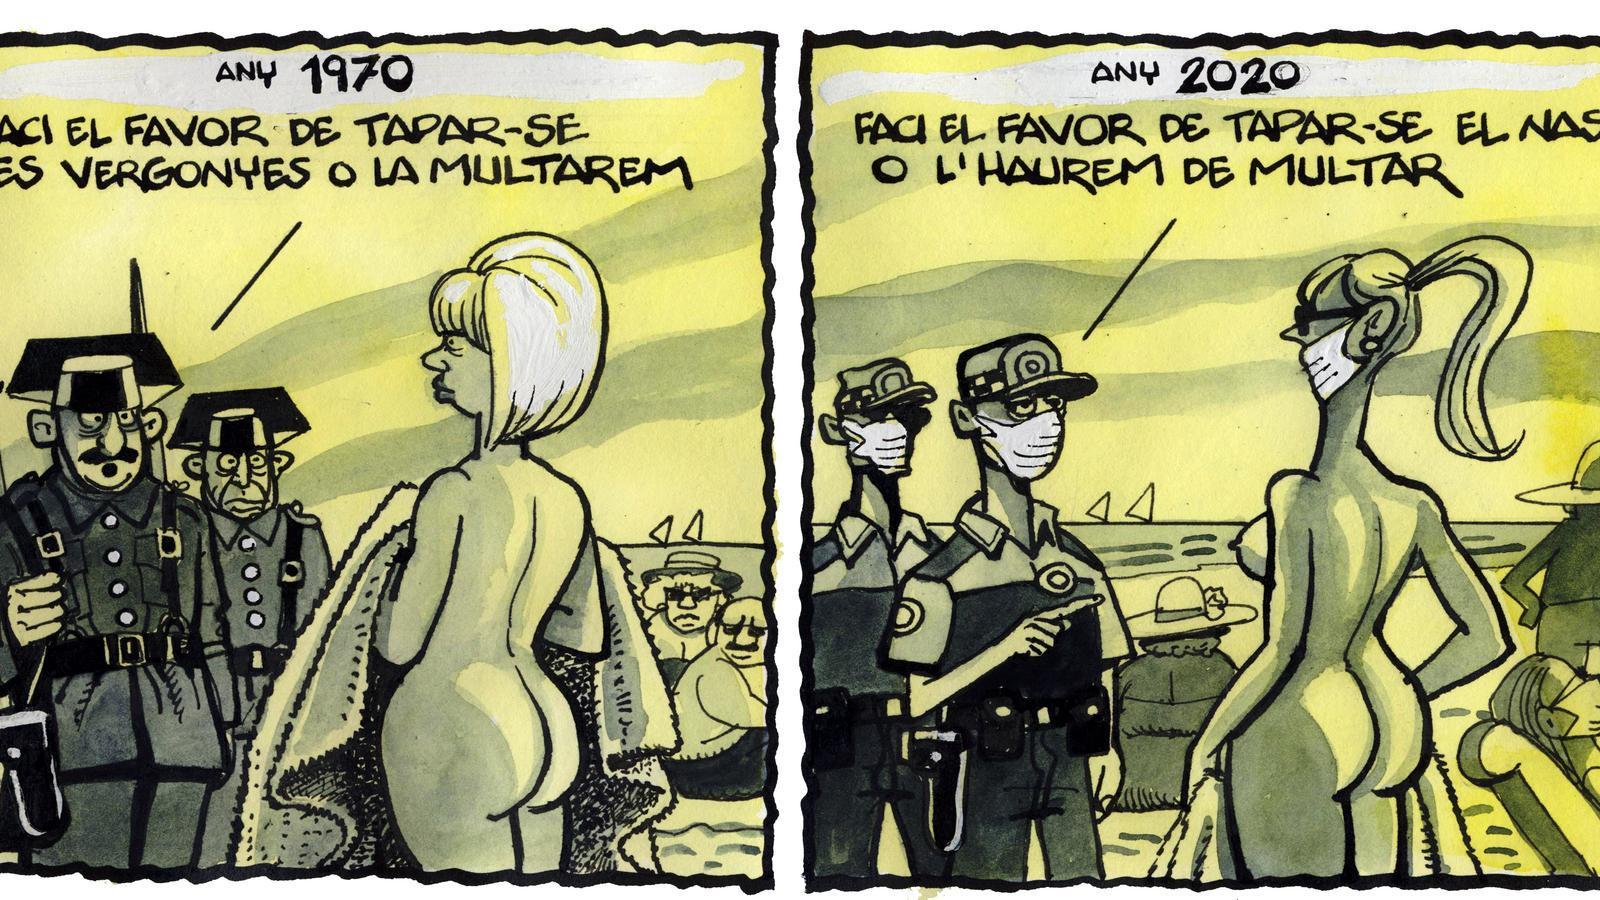 'A la contra', per Ferreres 24/09/2020